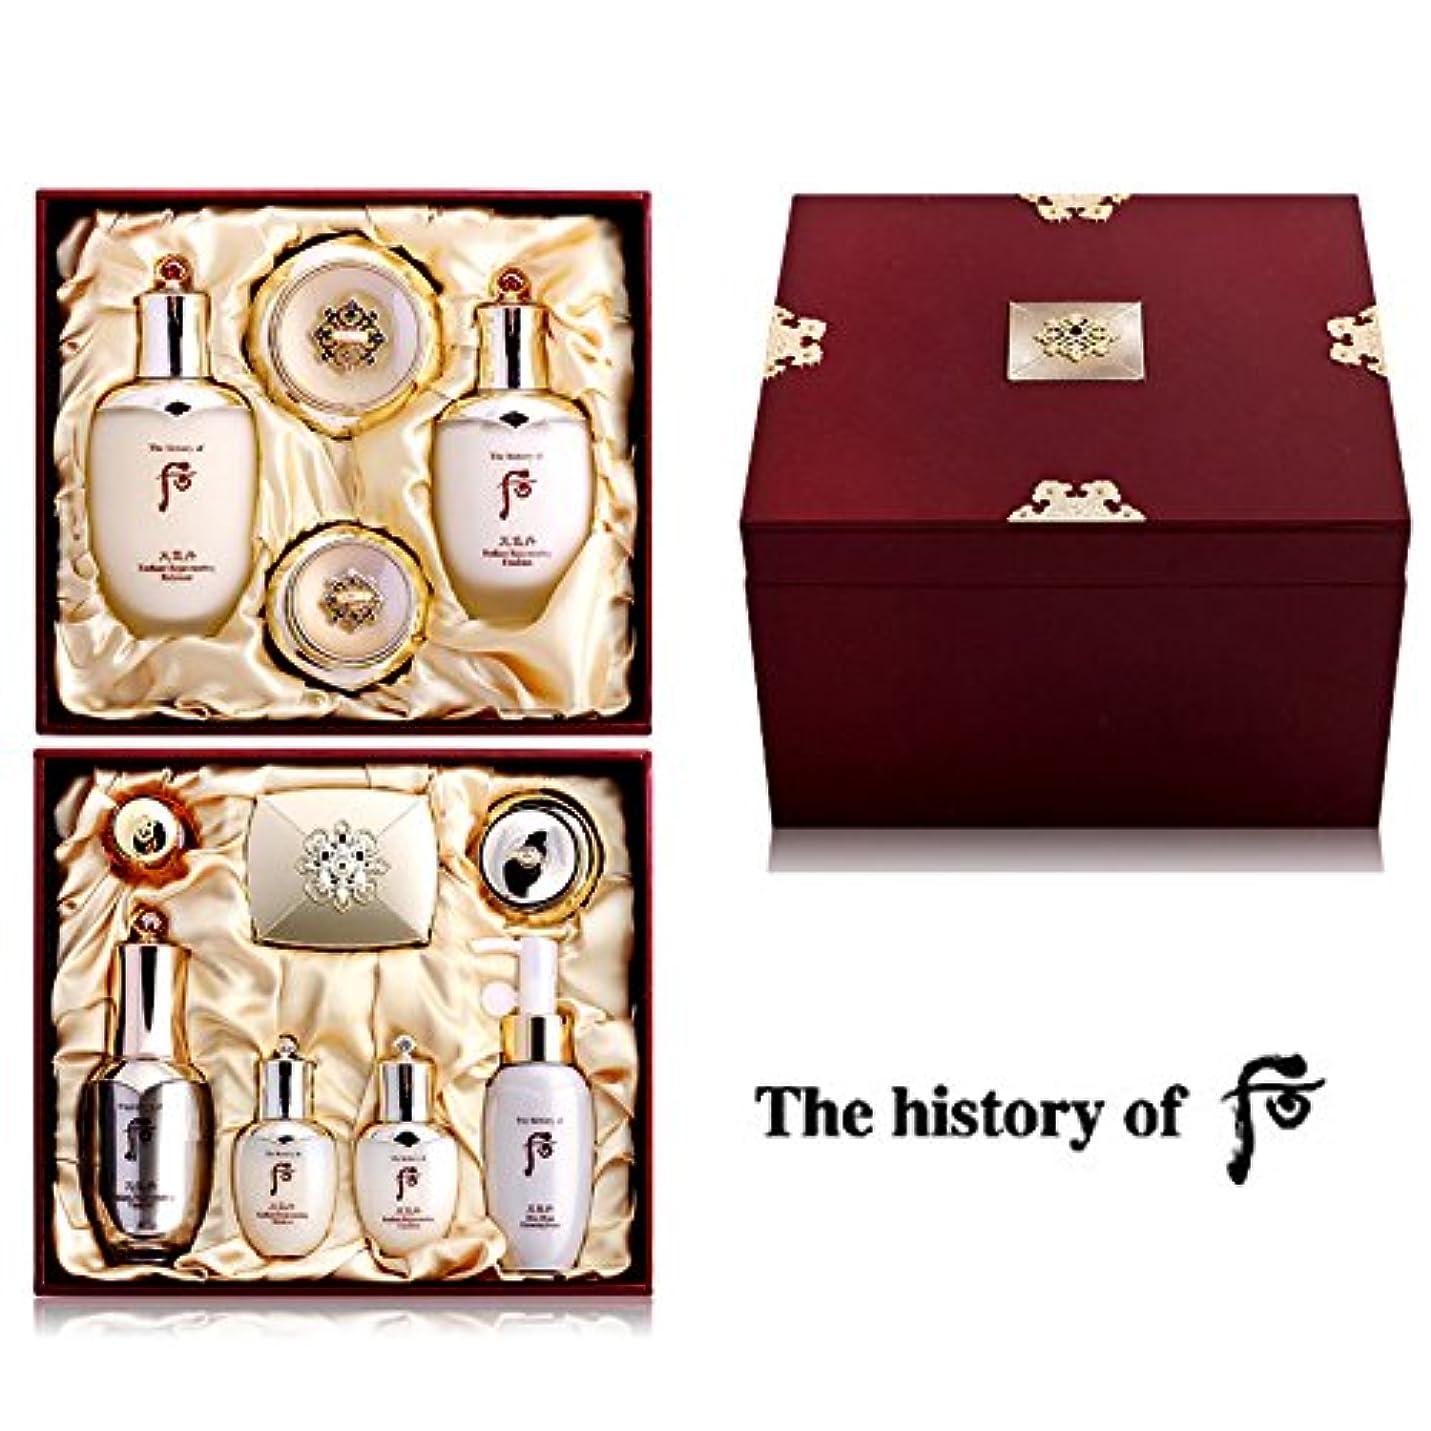 独立してぐったりマークされた【フー/The history of whoo] 天気丹 王侯(チョンギダン ワンフ) セット/Chonghi Dan Queen Special Set+[Sample Gift](海外直送品)